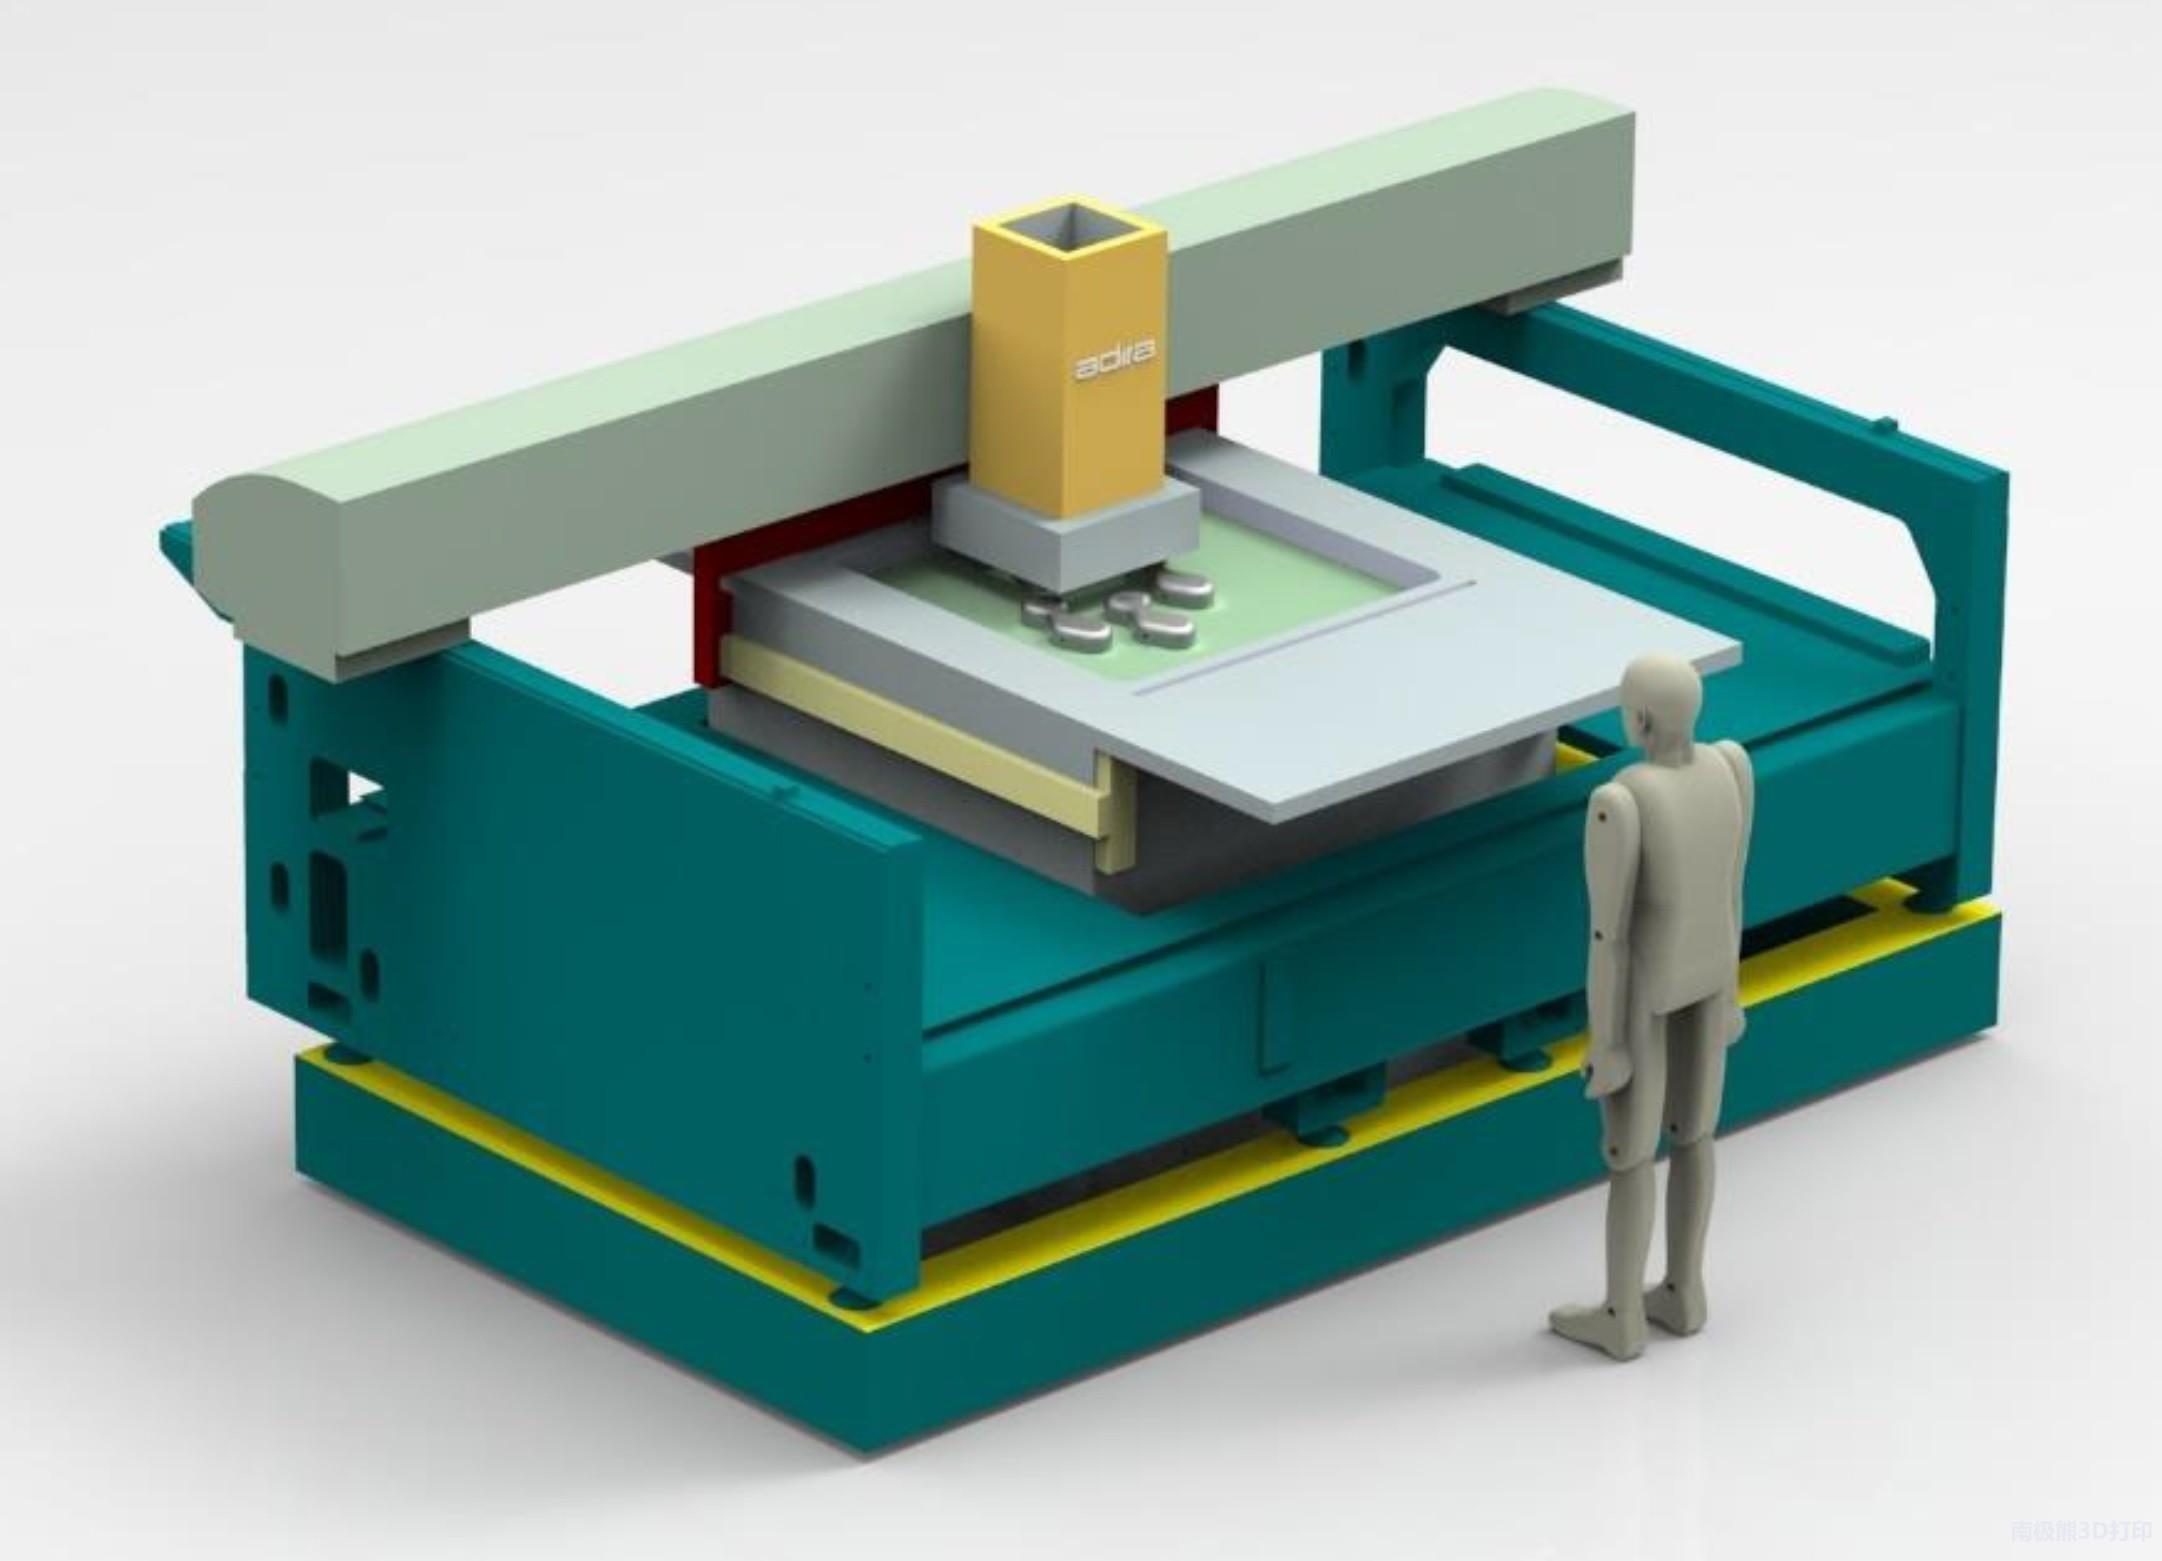 葡头牙公司Adira研发出大型SLM-XL 3D打印机